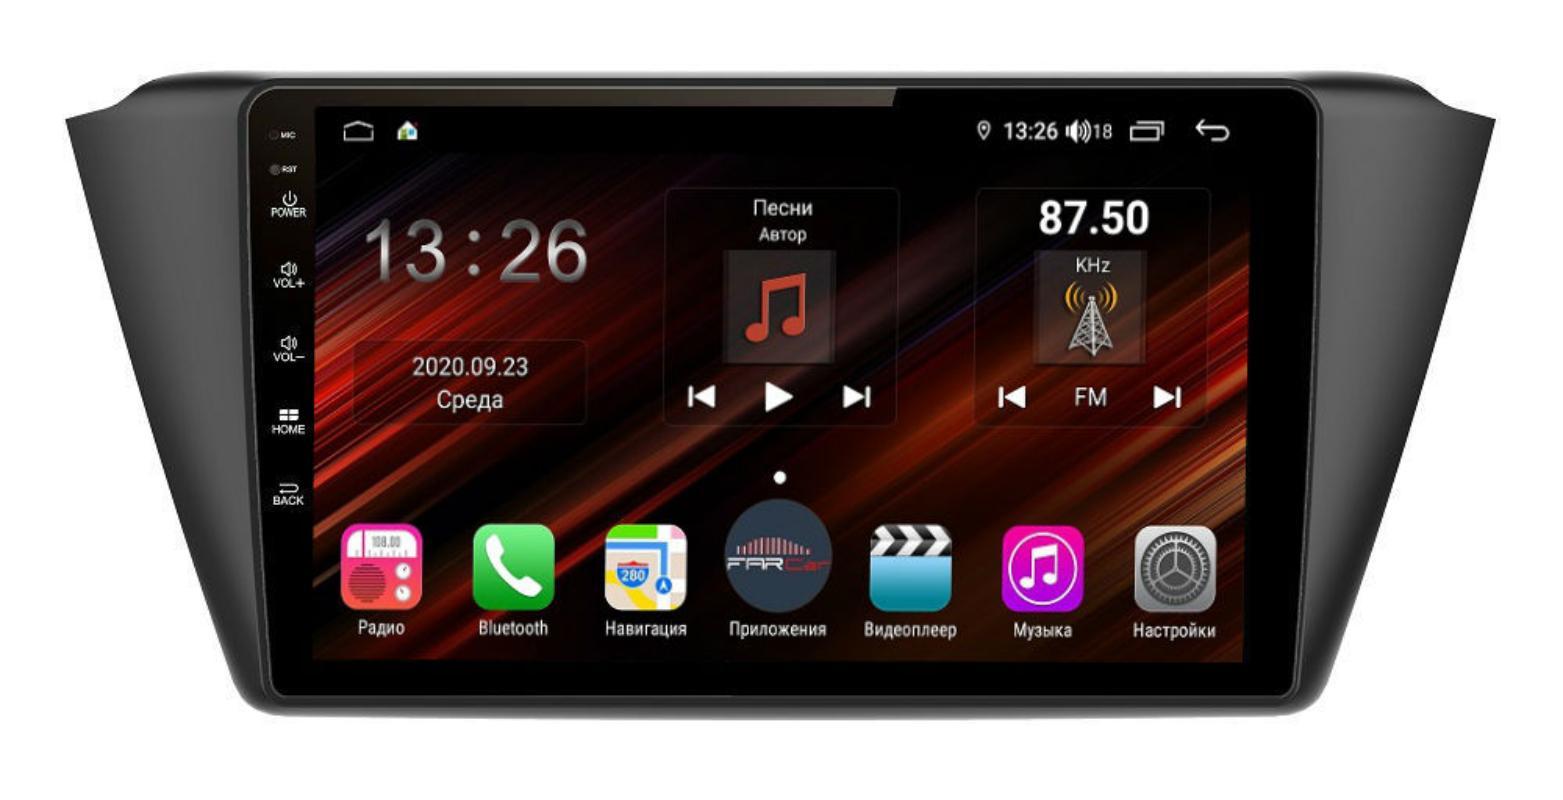 Штатная магнитола FarCar s400 Super HD для Skoda Fabia на Android (XH2002R) (+ Камера заднего вида в подарок!)